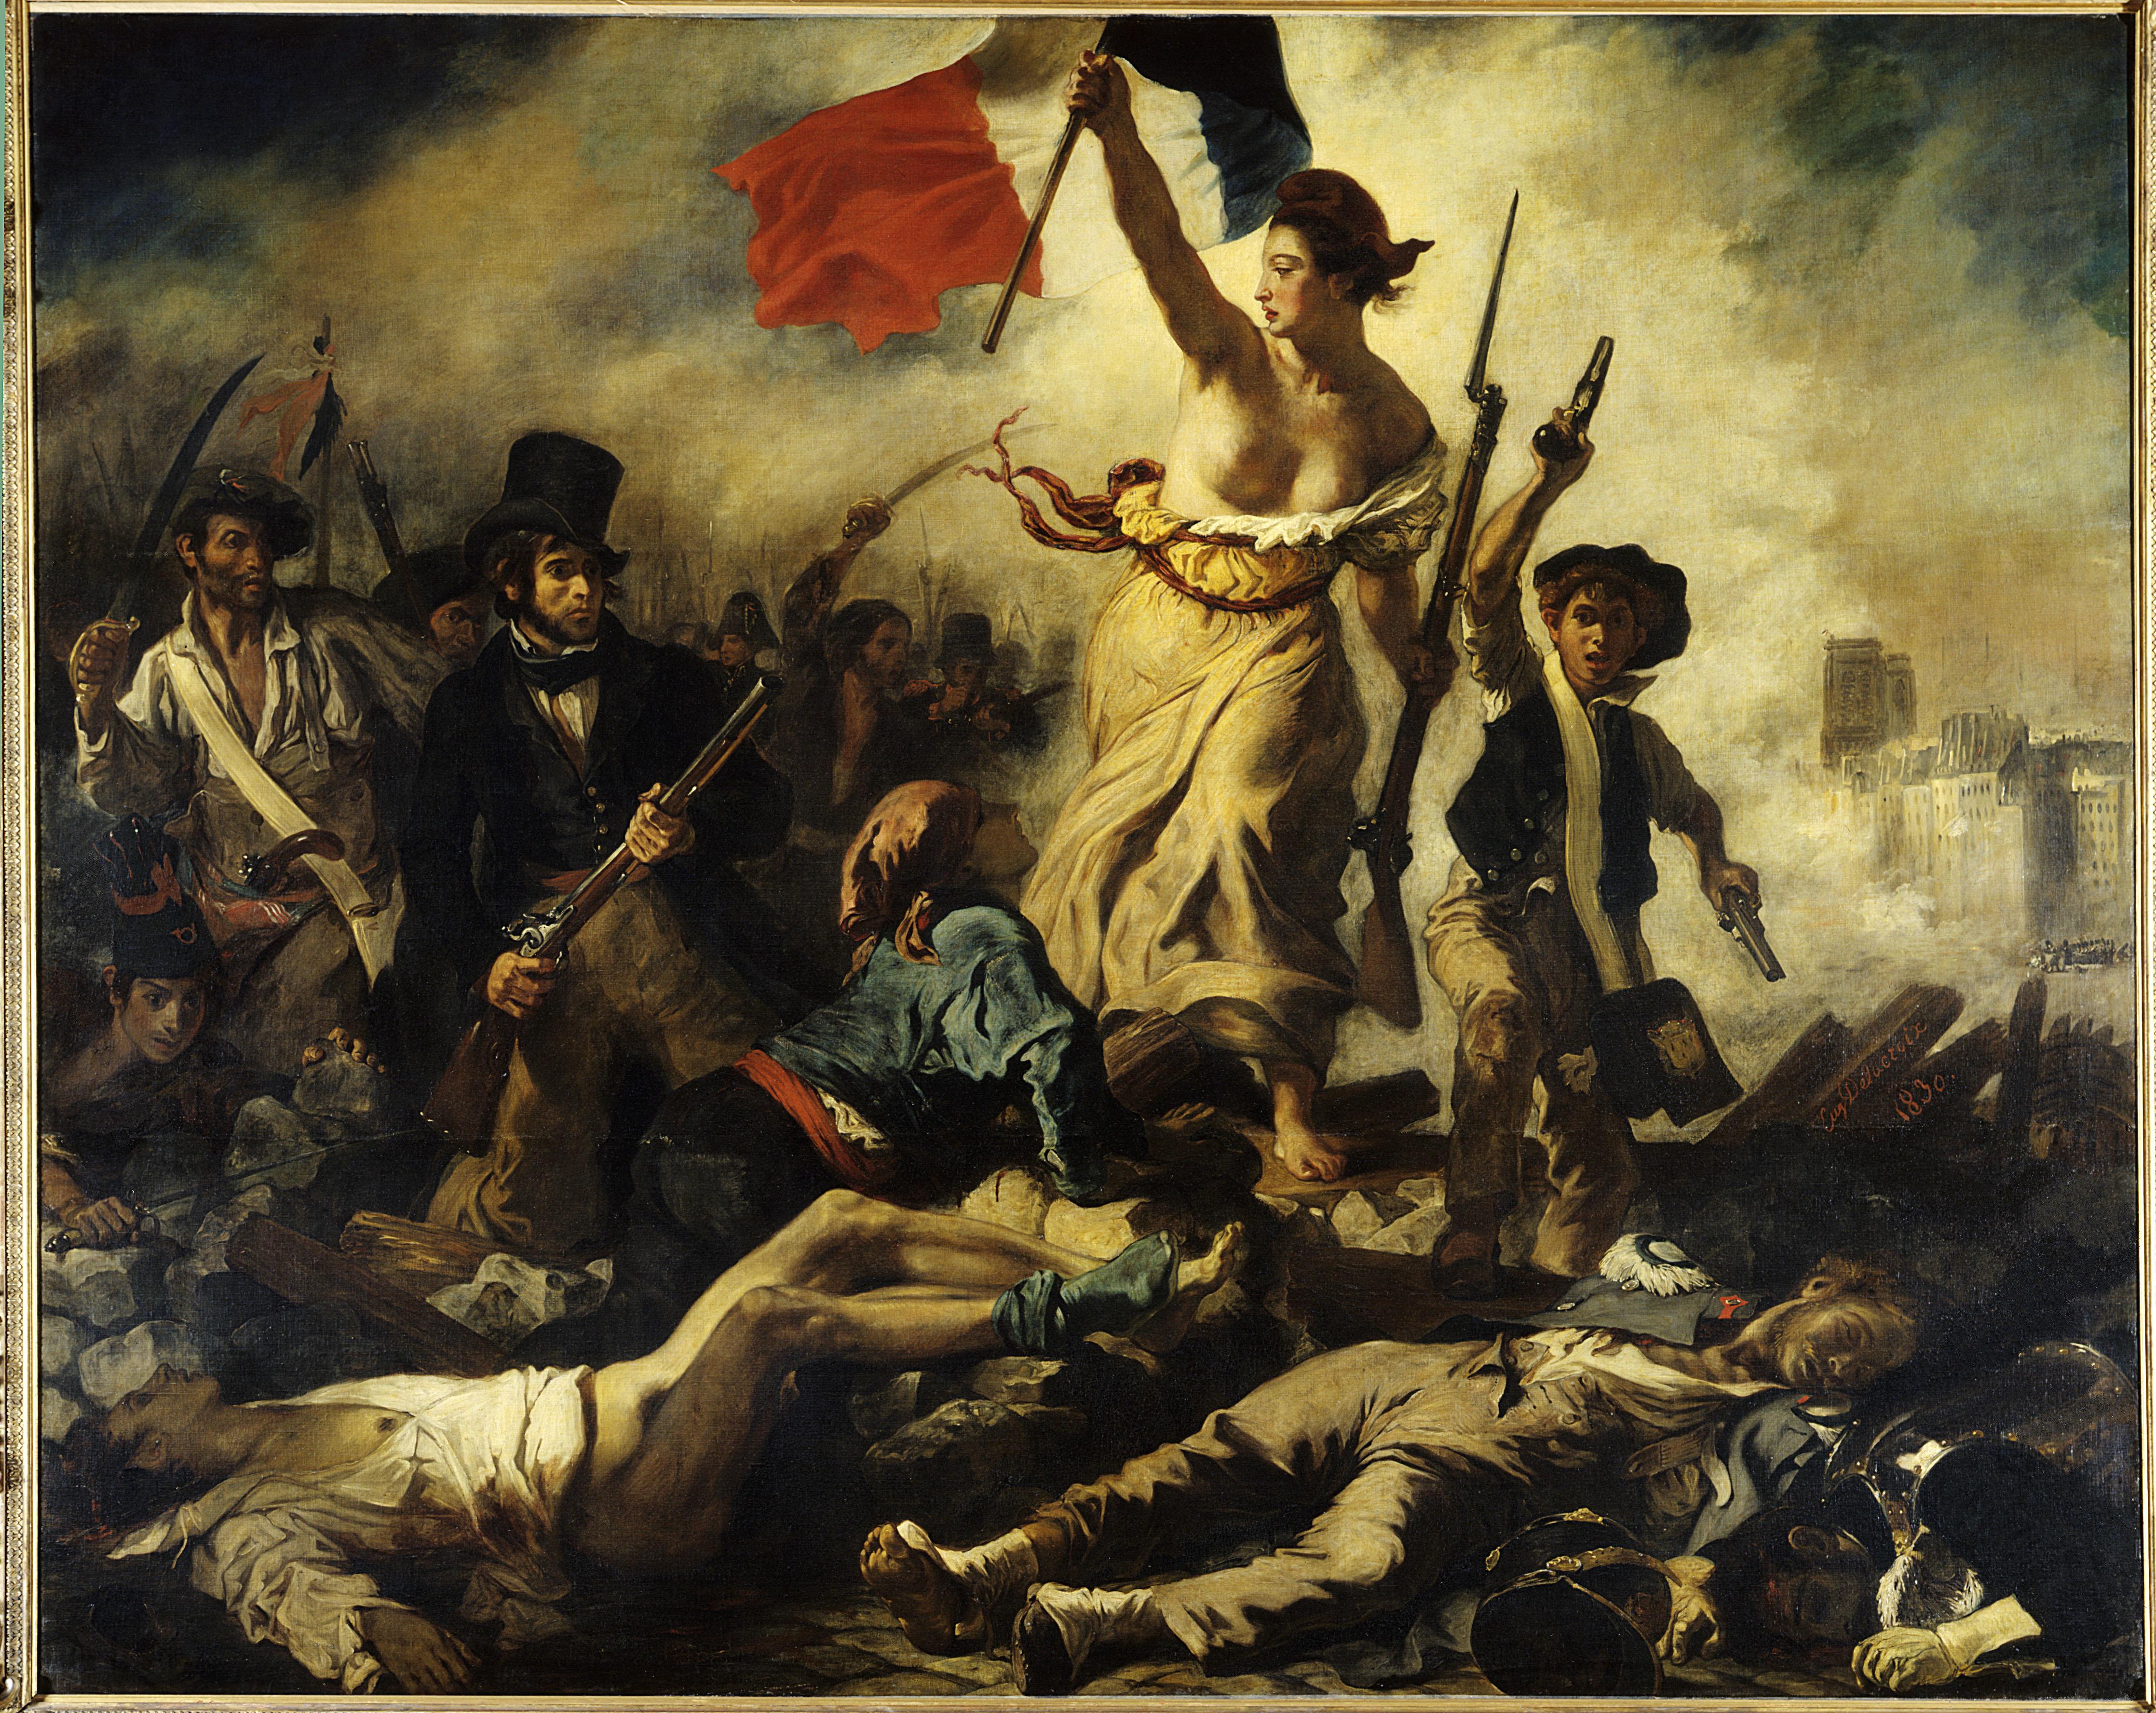 Από τον Ιόνιο ριζοσπαστισμό (1848) στον Ευρωπαϊκό